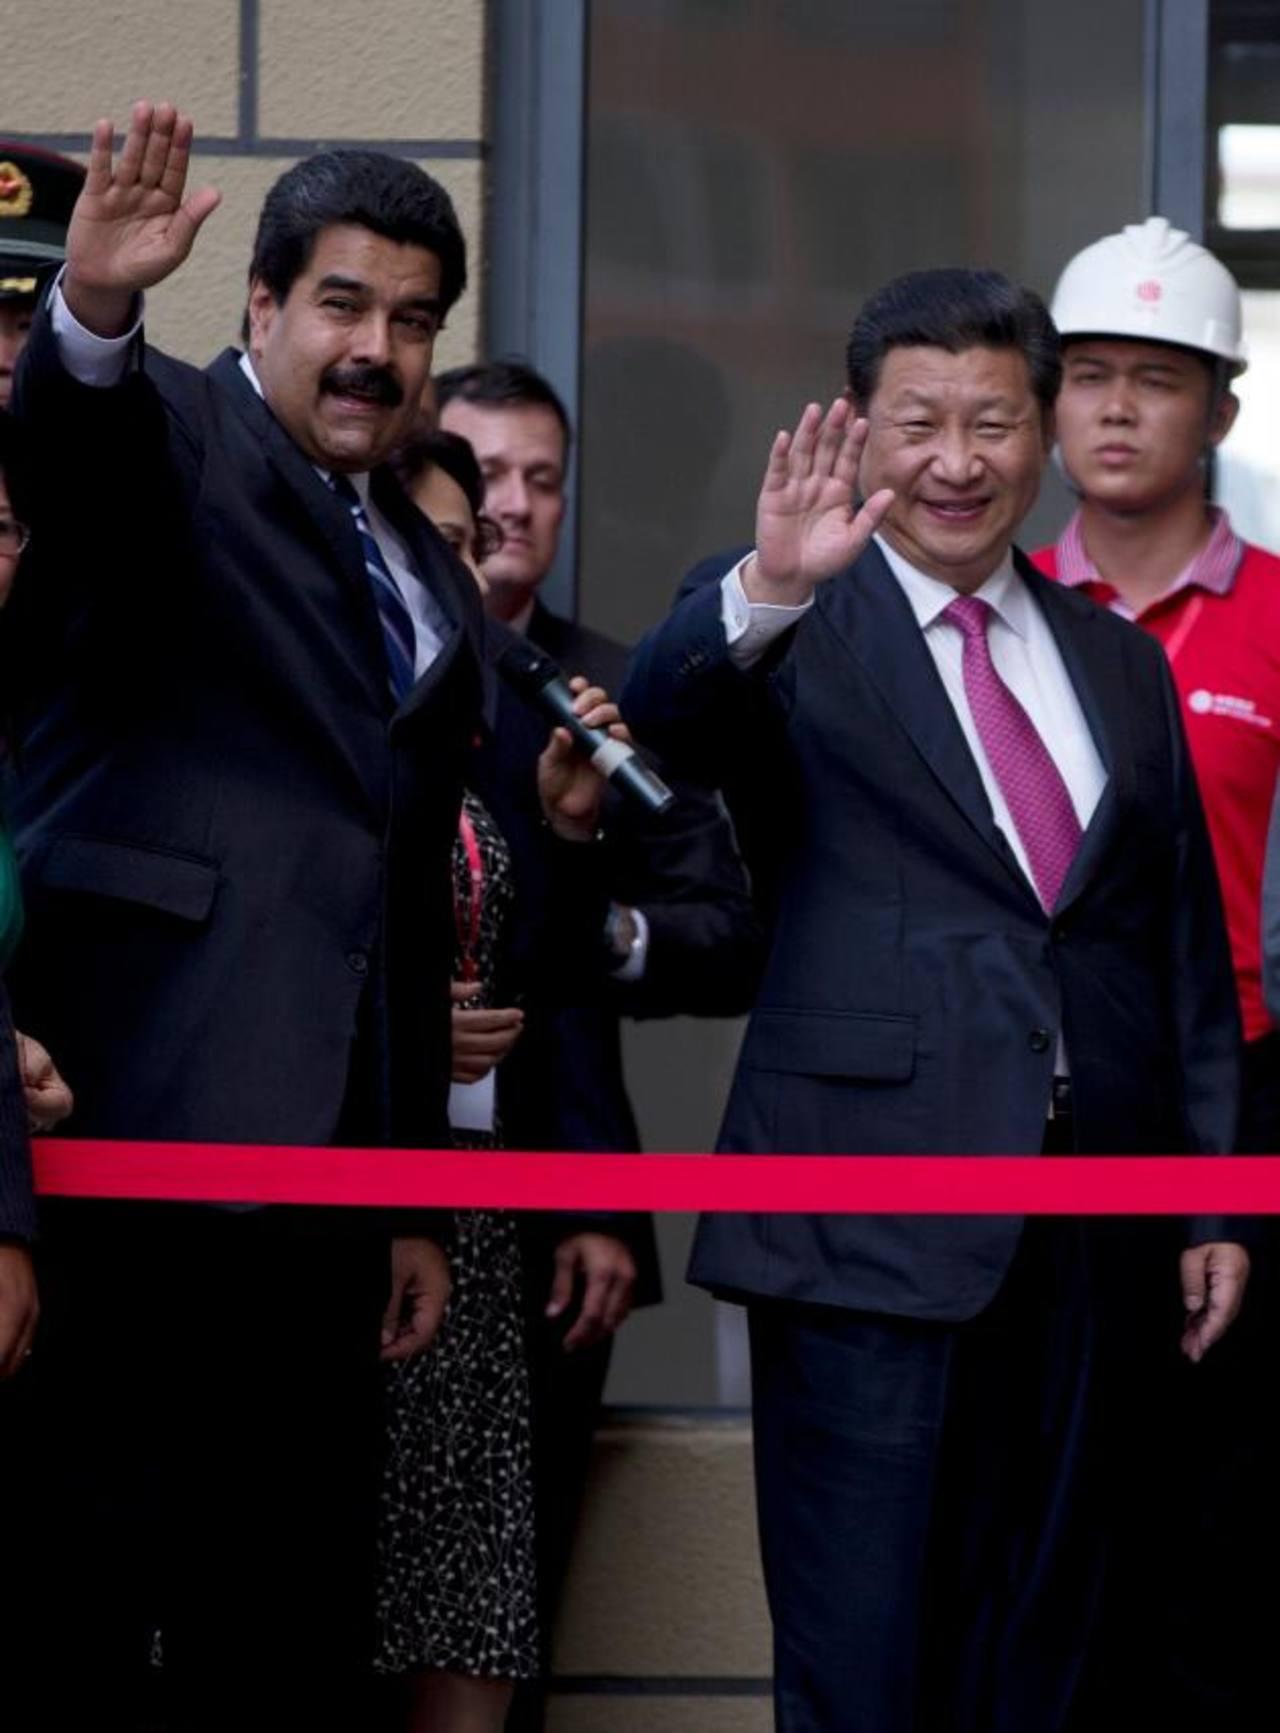 Nicolás Maduro y Xi Jinping acordaron intensificar el sector industrial, alimentario y energético, entre otros. Foto EDH /ap